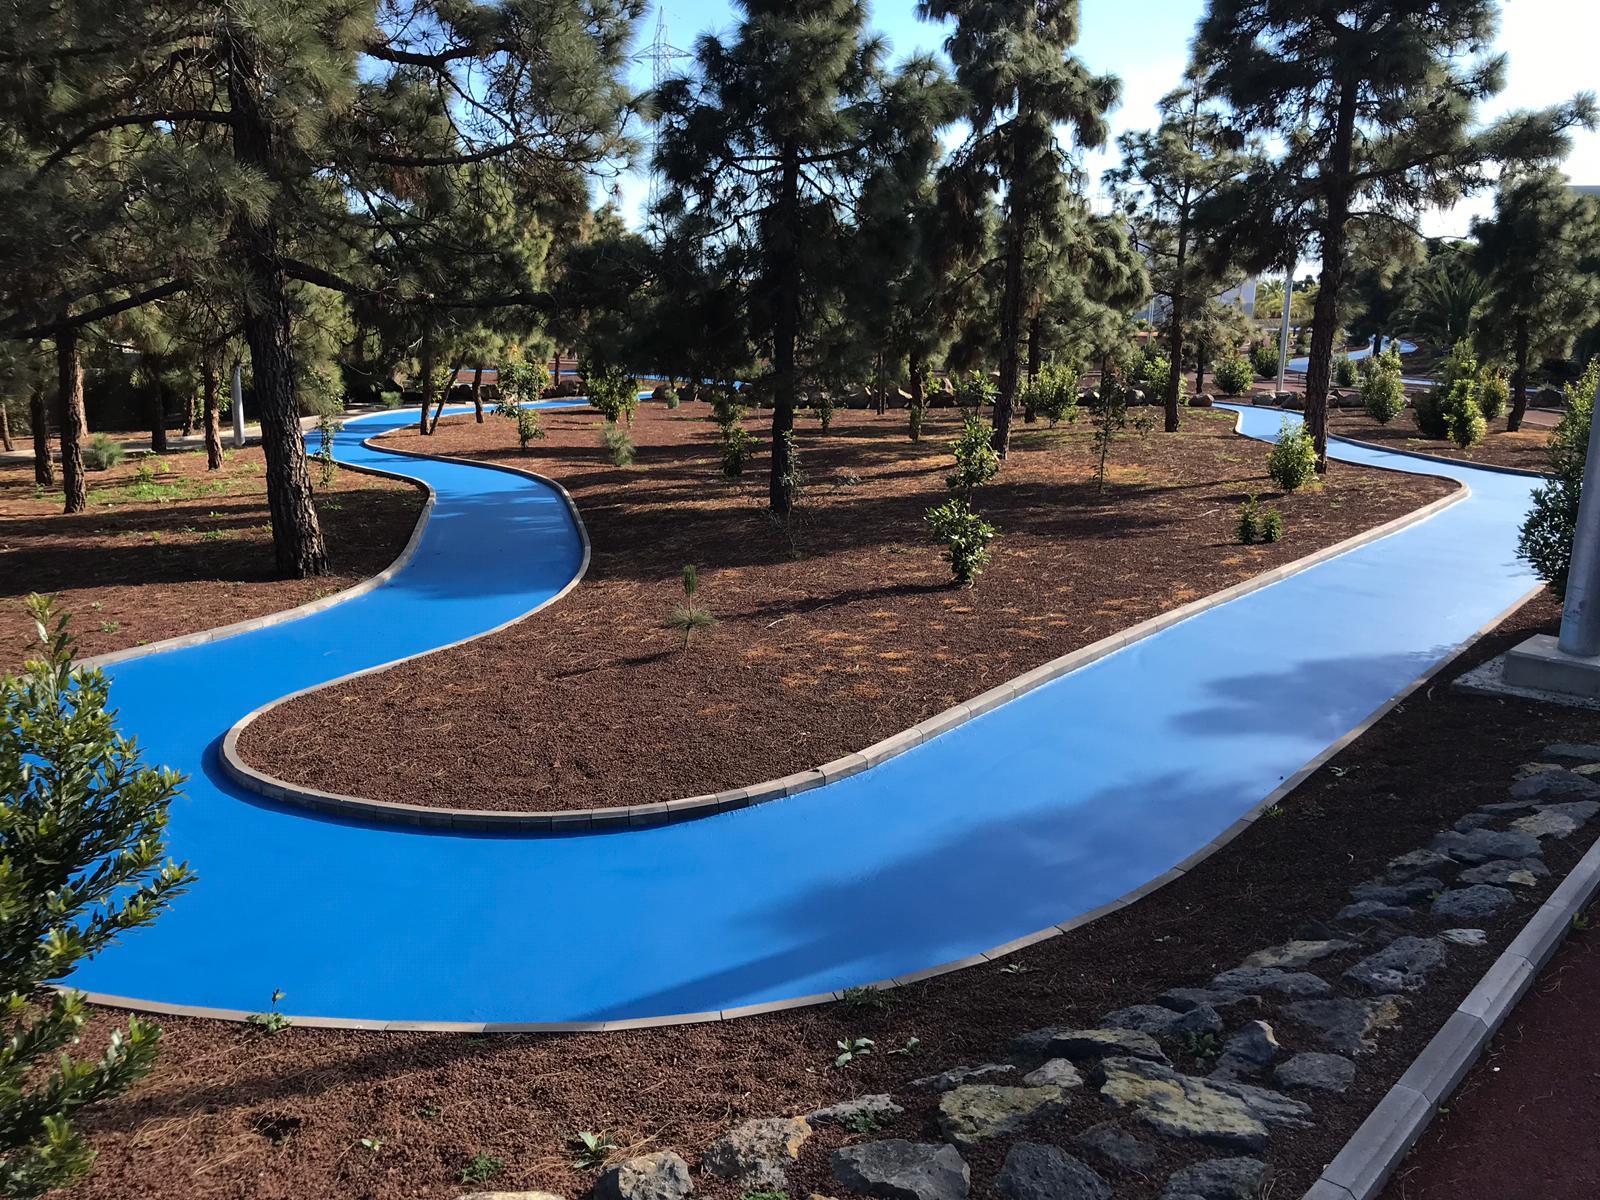 Composan en el Parque Científico y Tecnológico de Tenerife